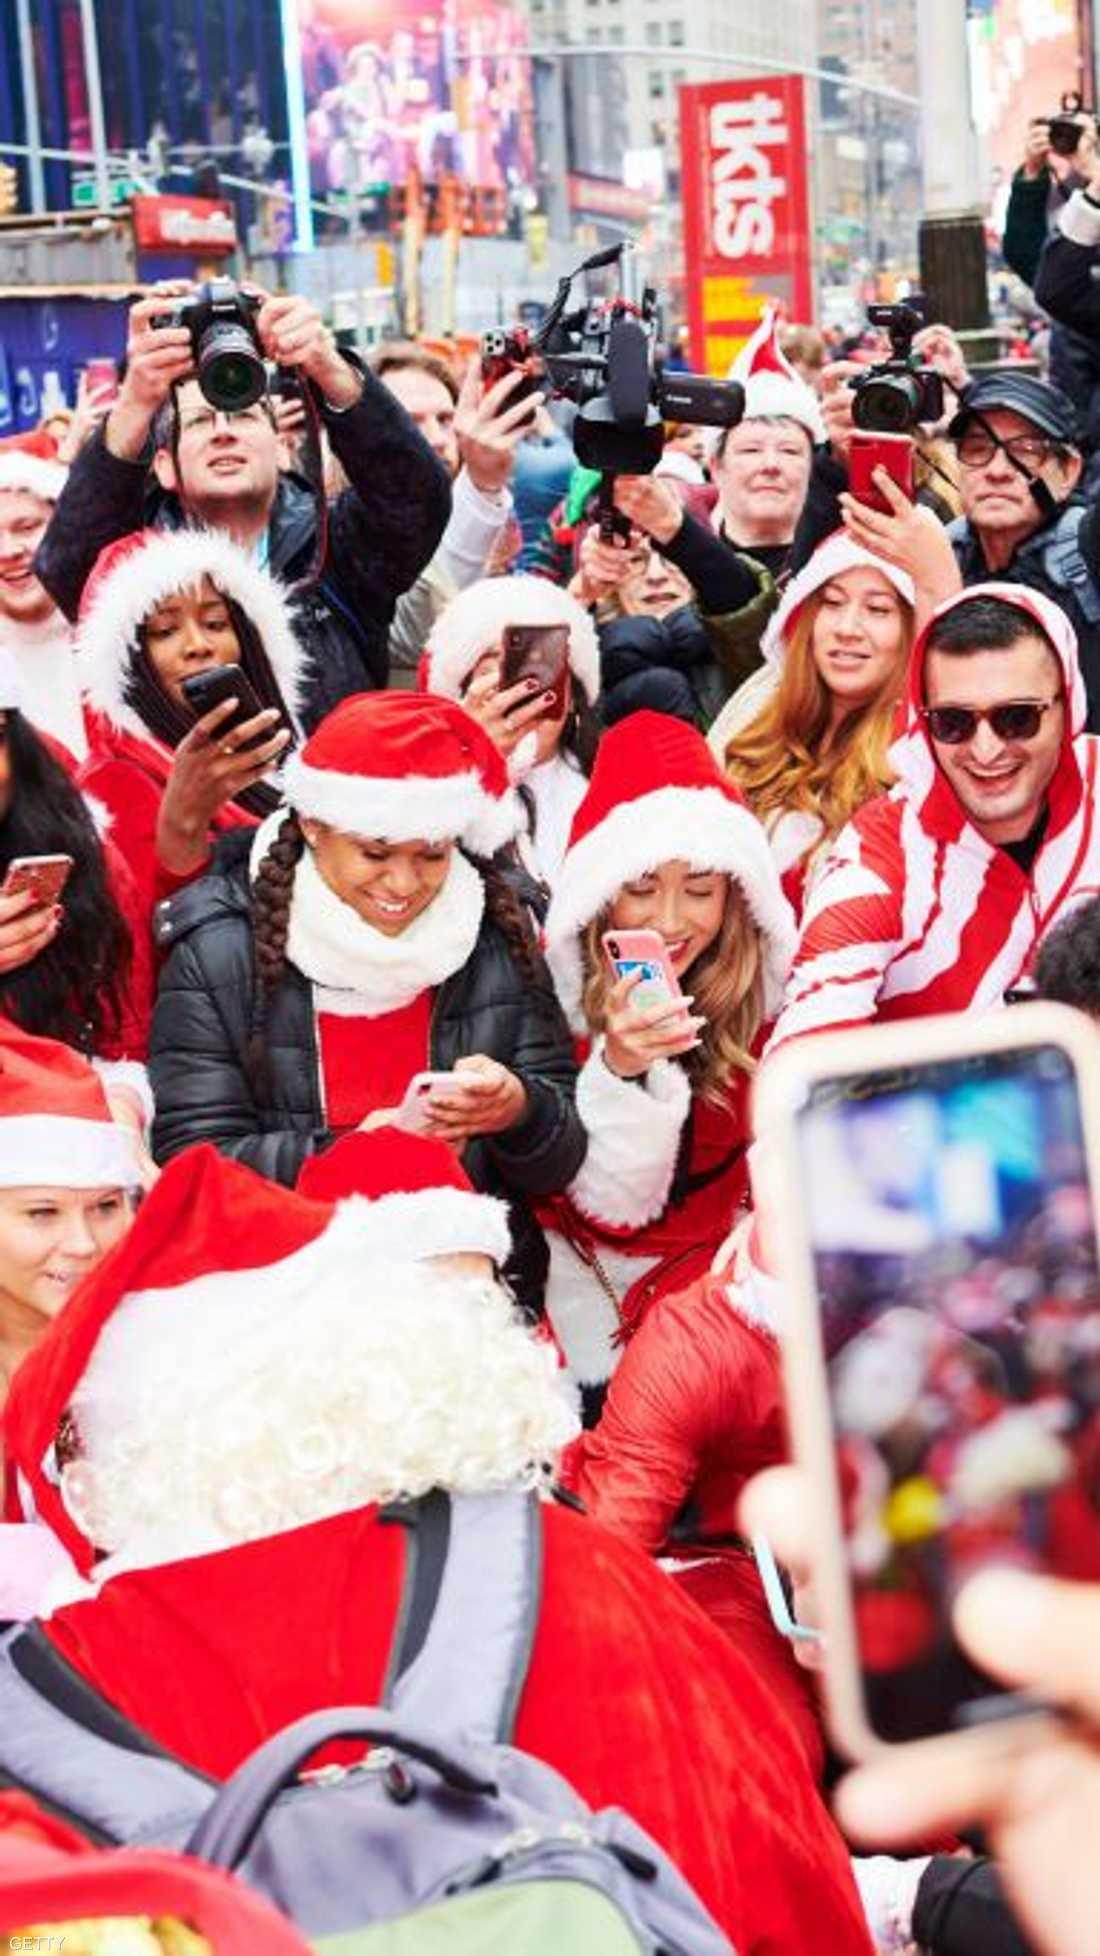 يتبرع منظمو الاحتفال بمئات الآلاف من الدولارات سنويا.